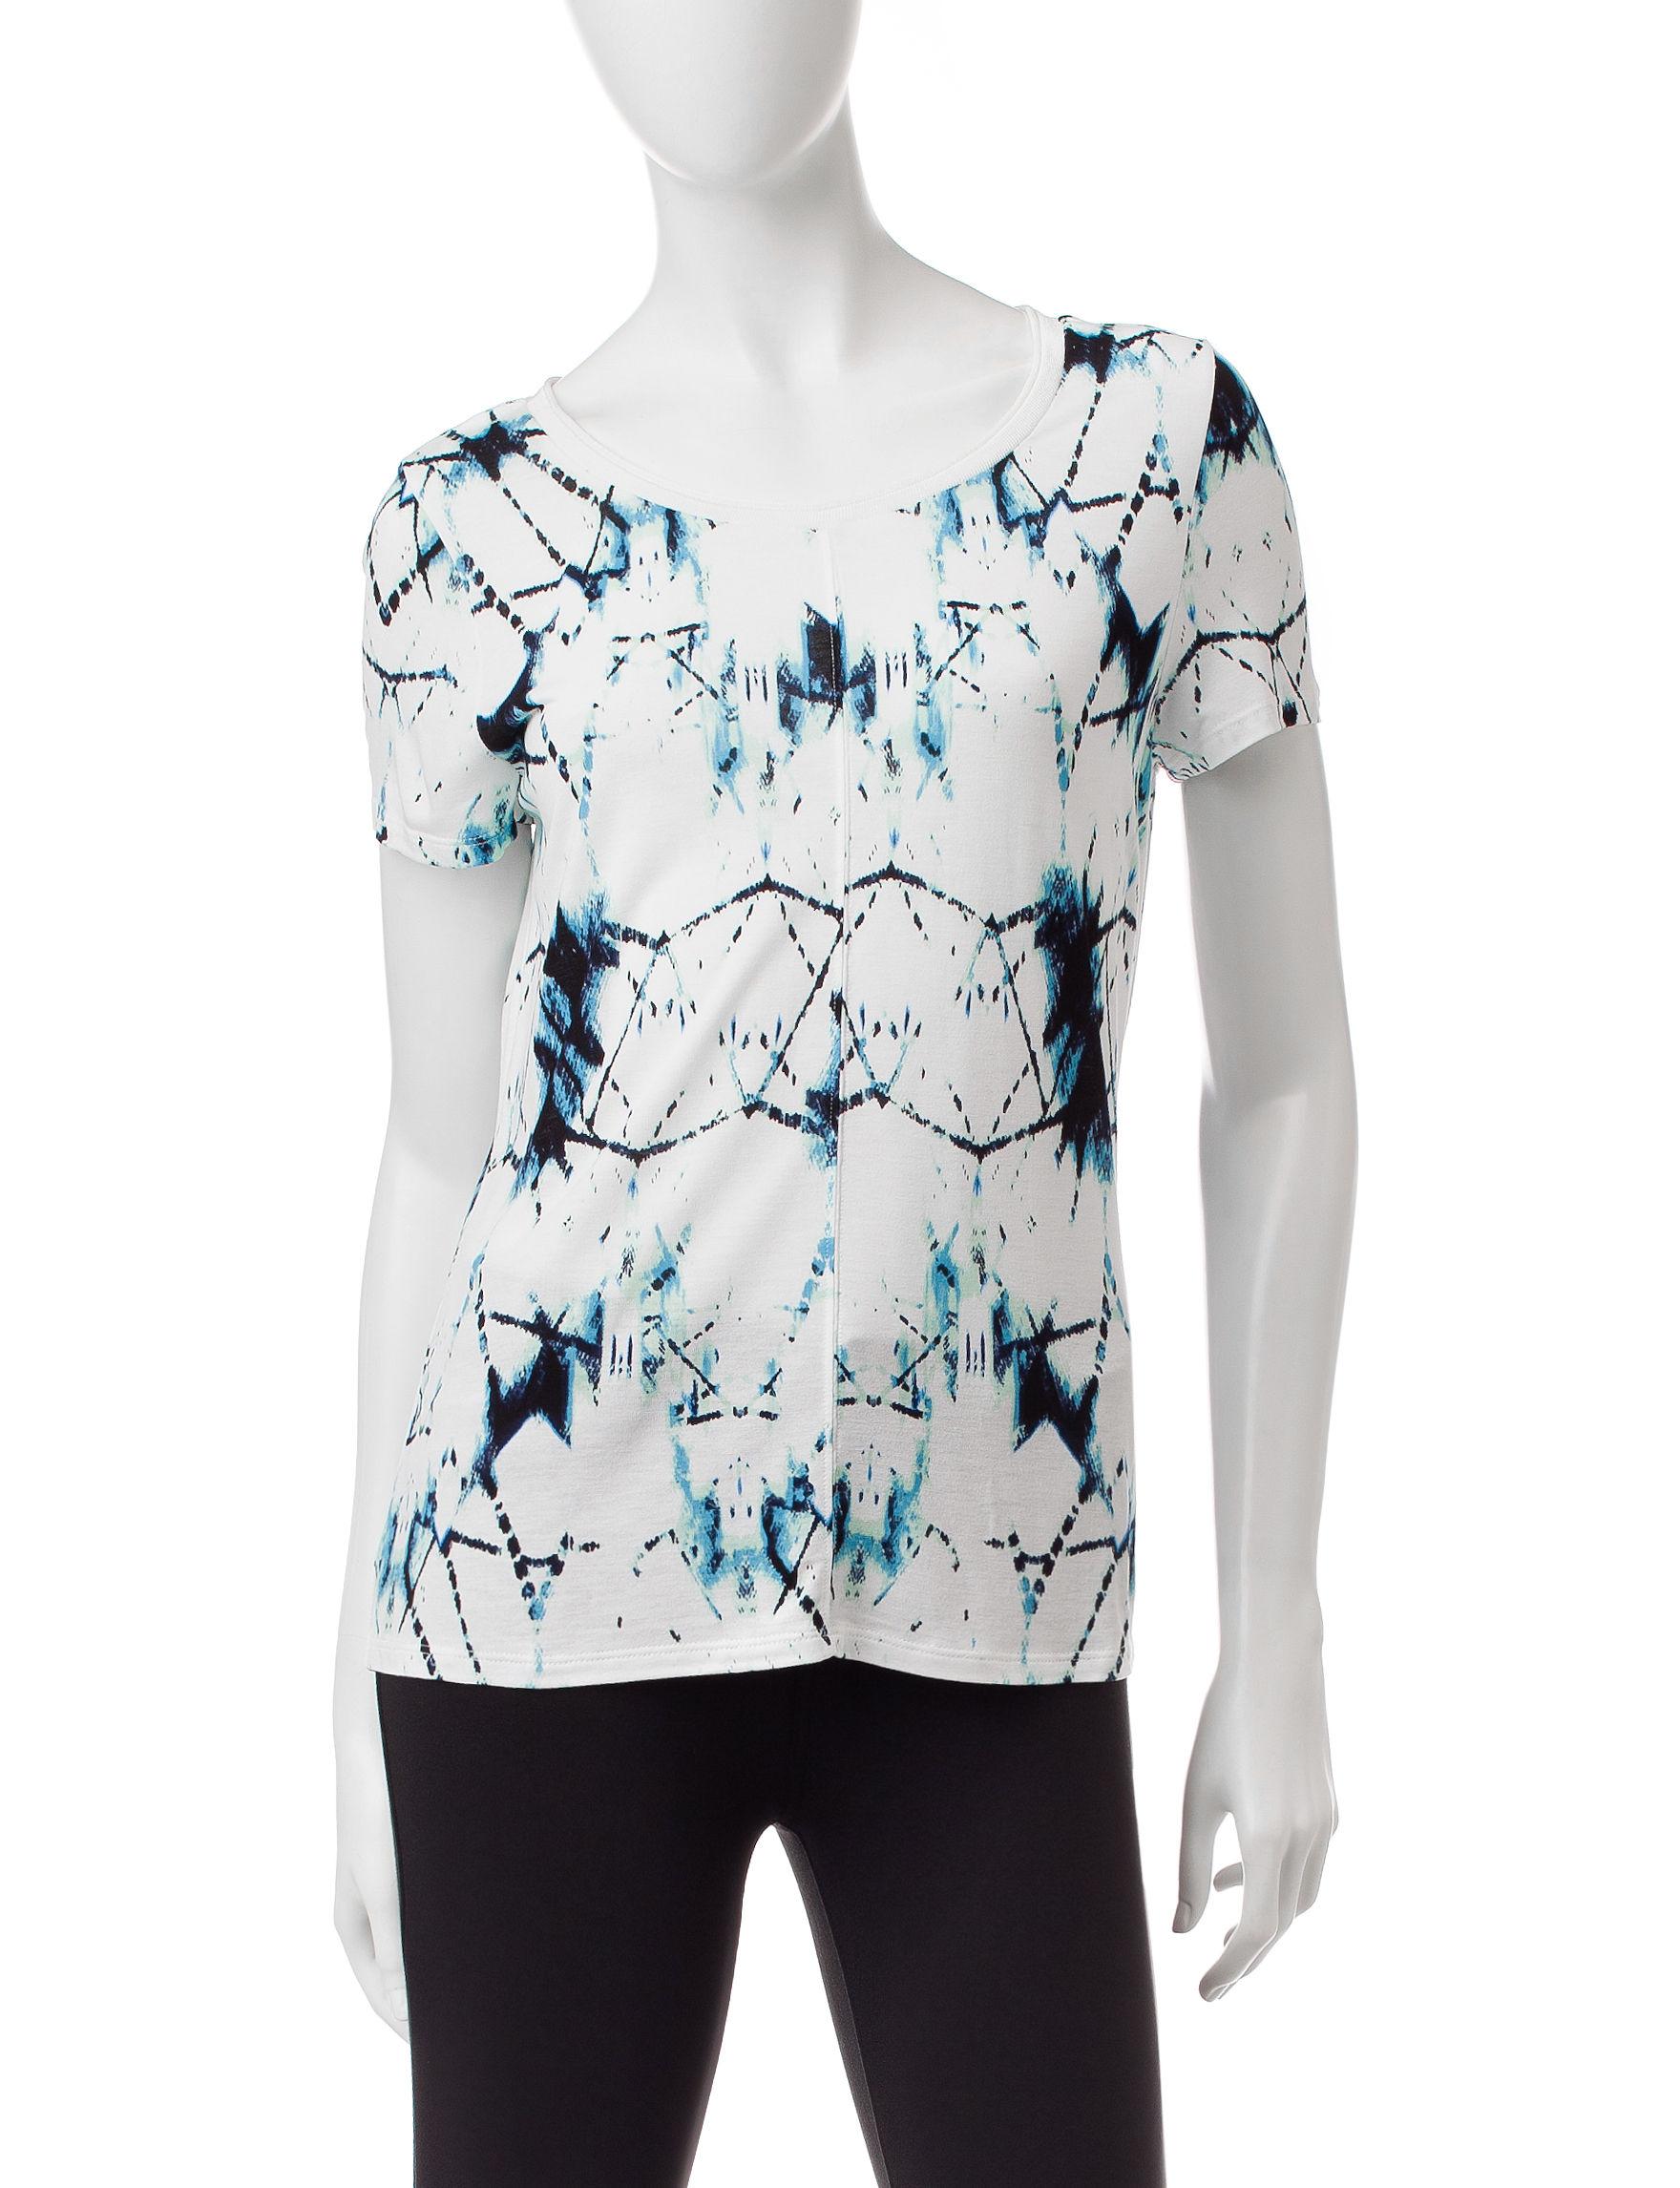 Calvin Klein Jeans White Tees & Tanks